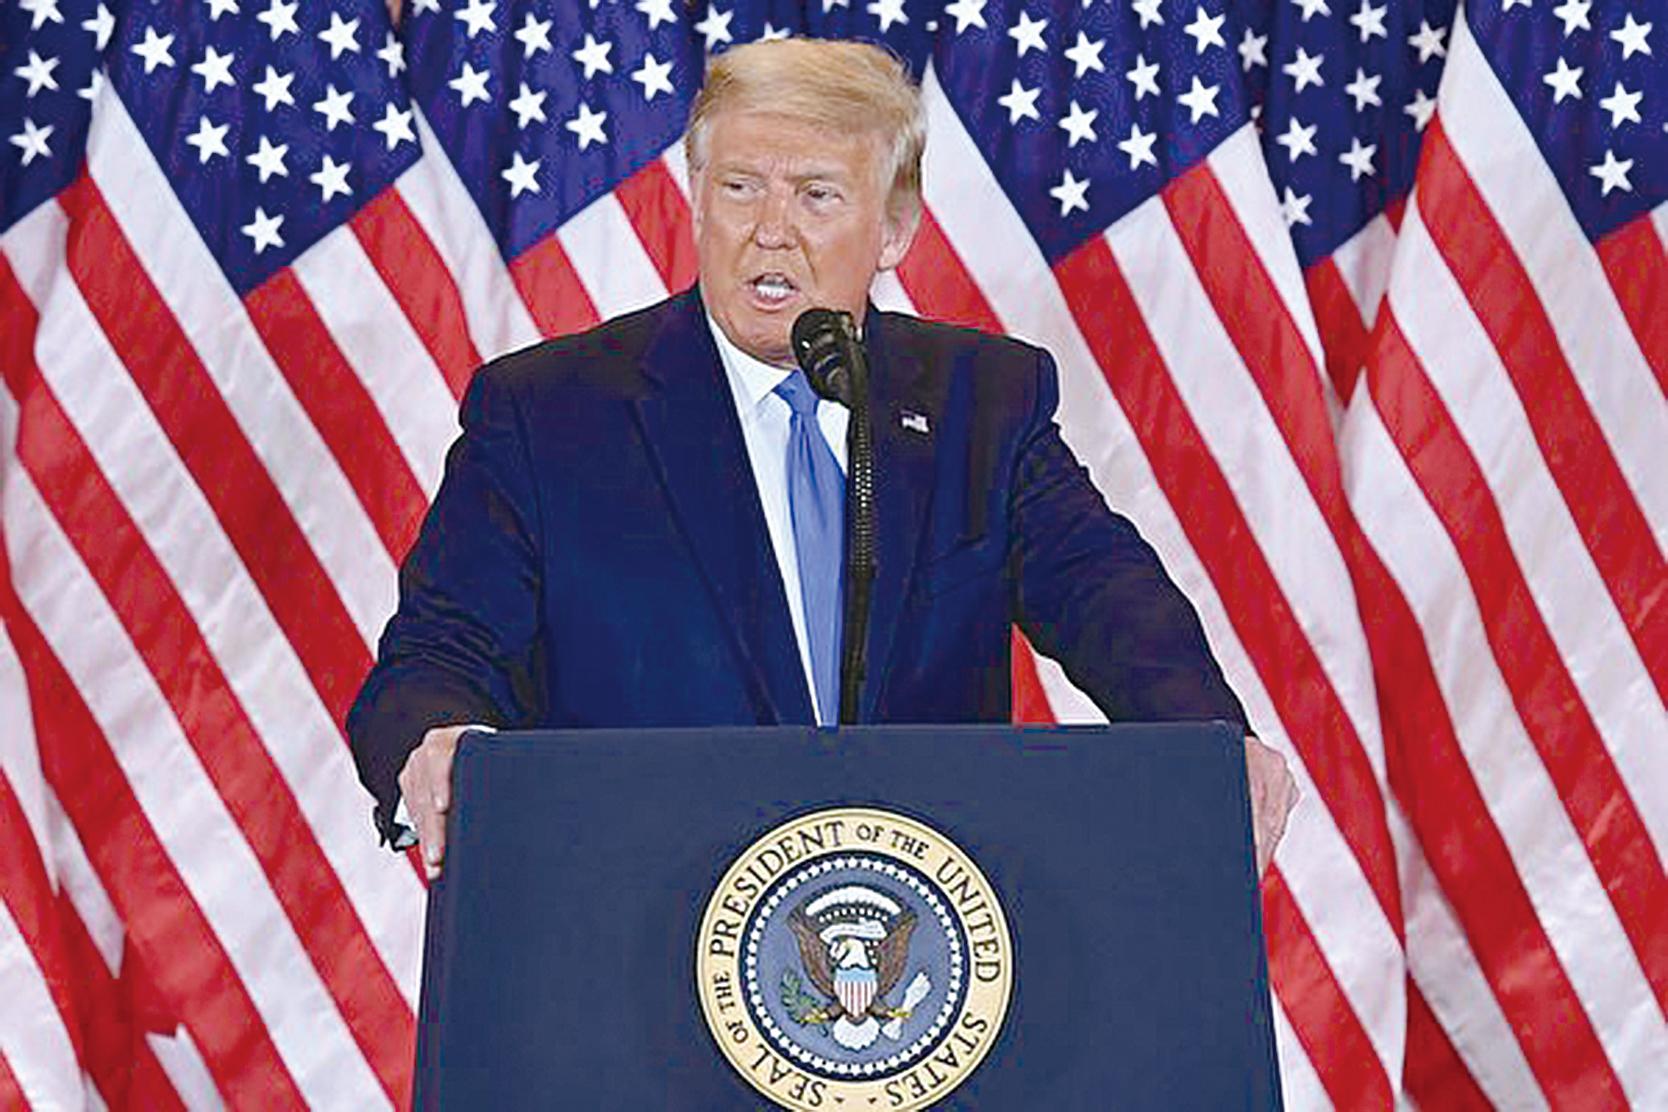 尋求連任的美國總統特朗普11月4日凌晨在白宮向支持者發表講話,他說競選團隊將要求最高法院在選舉日後停止投票。(MANDEL NGAN/AFP via Getty Images)